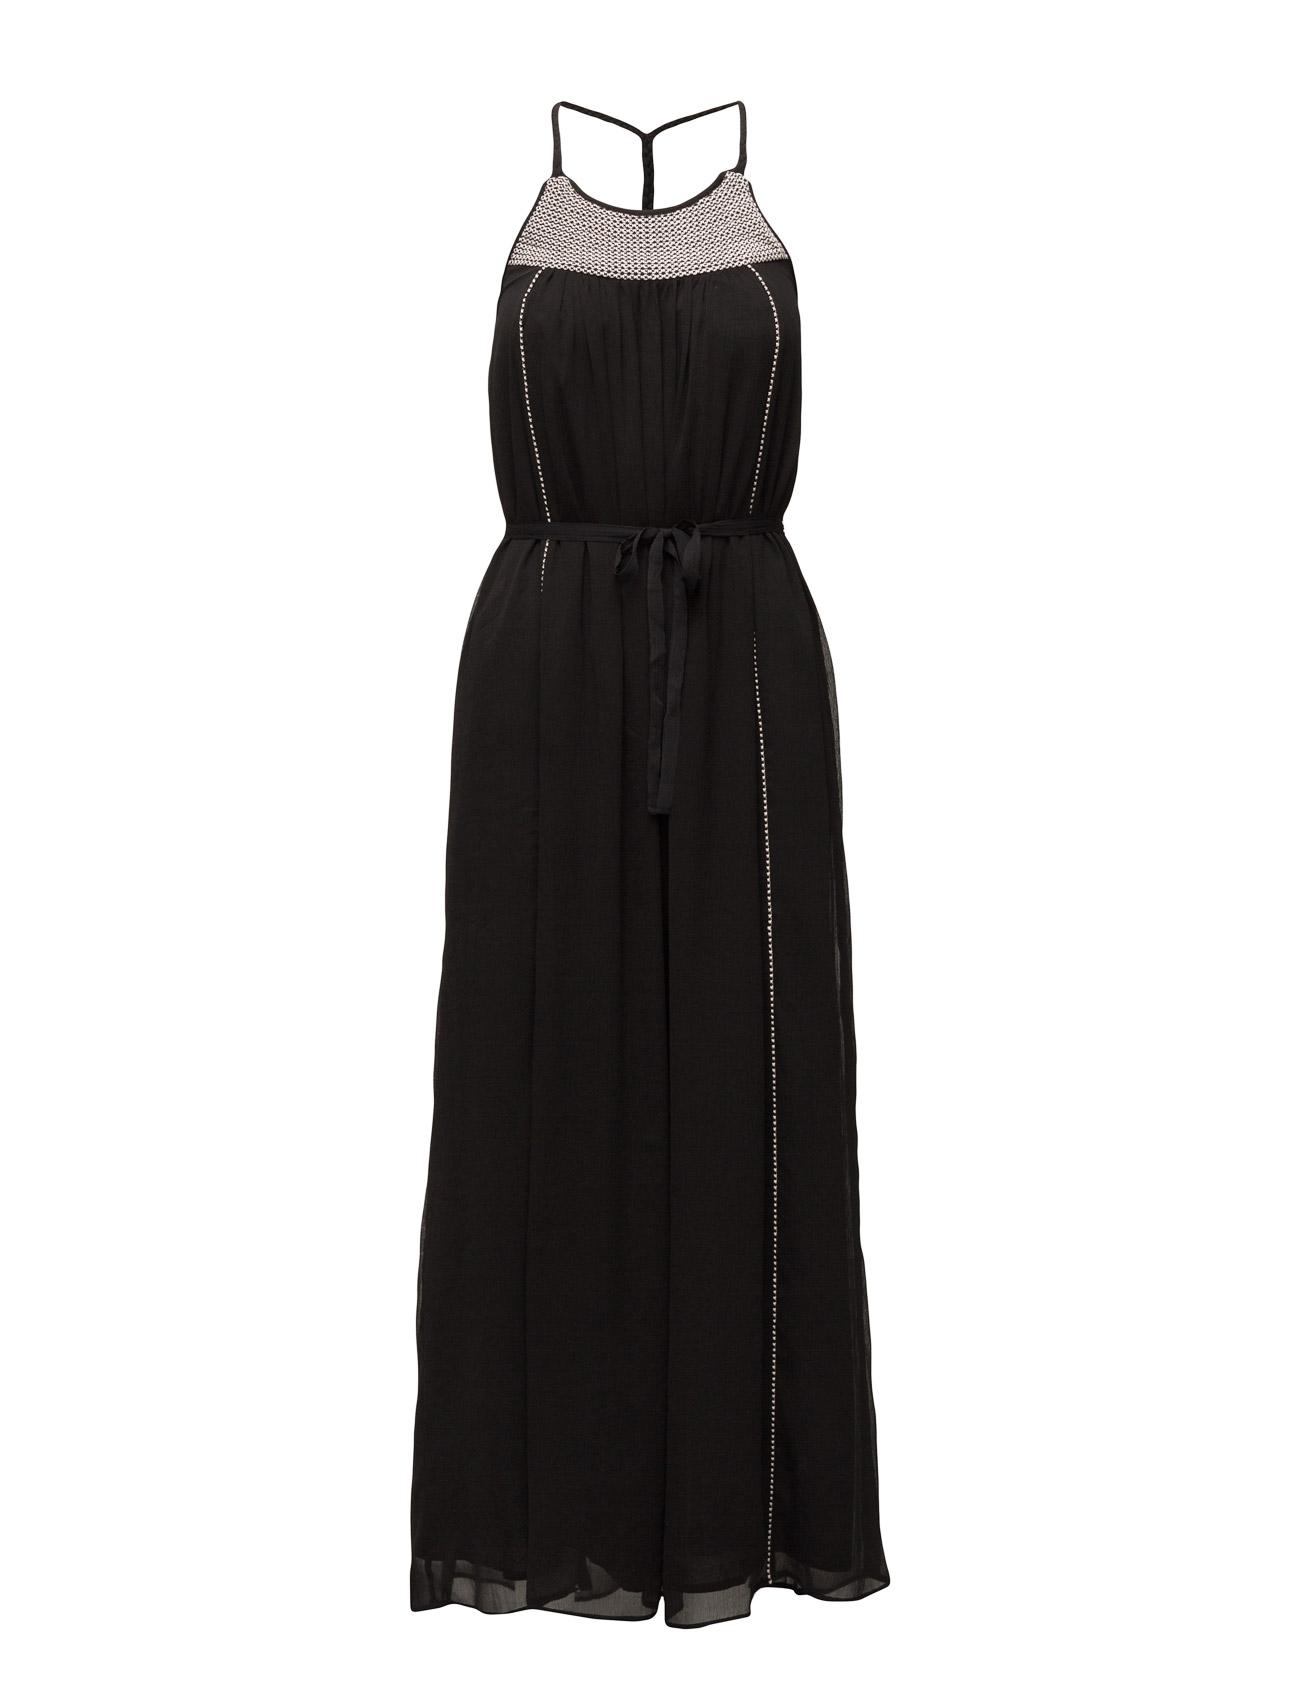 Dresses Light Woven Esprit Casual Maxi Kjoler til Damer i Sort